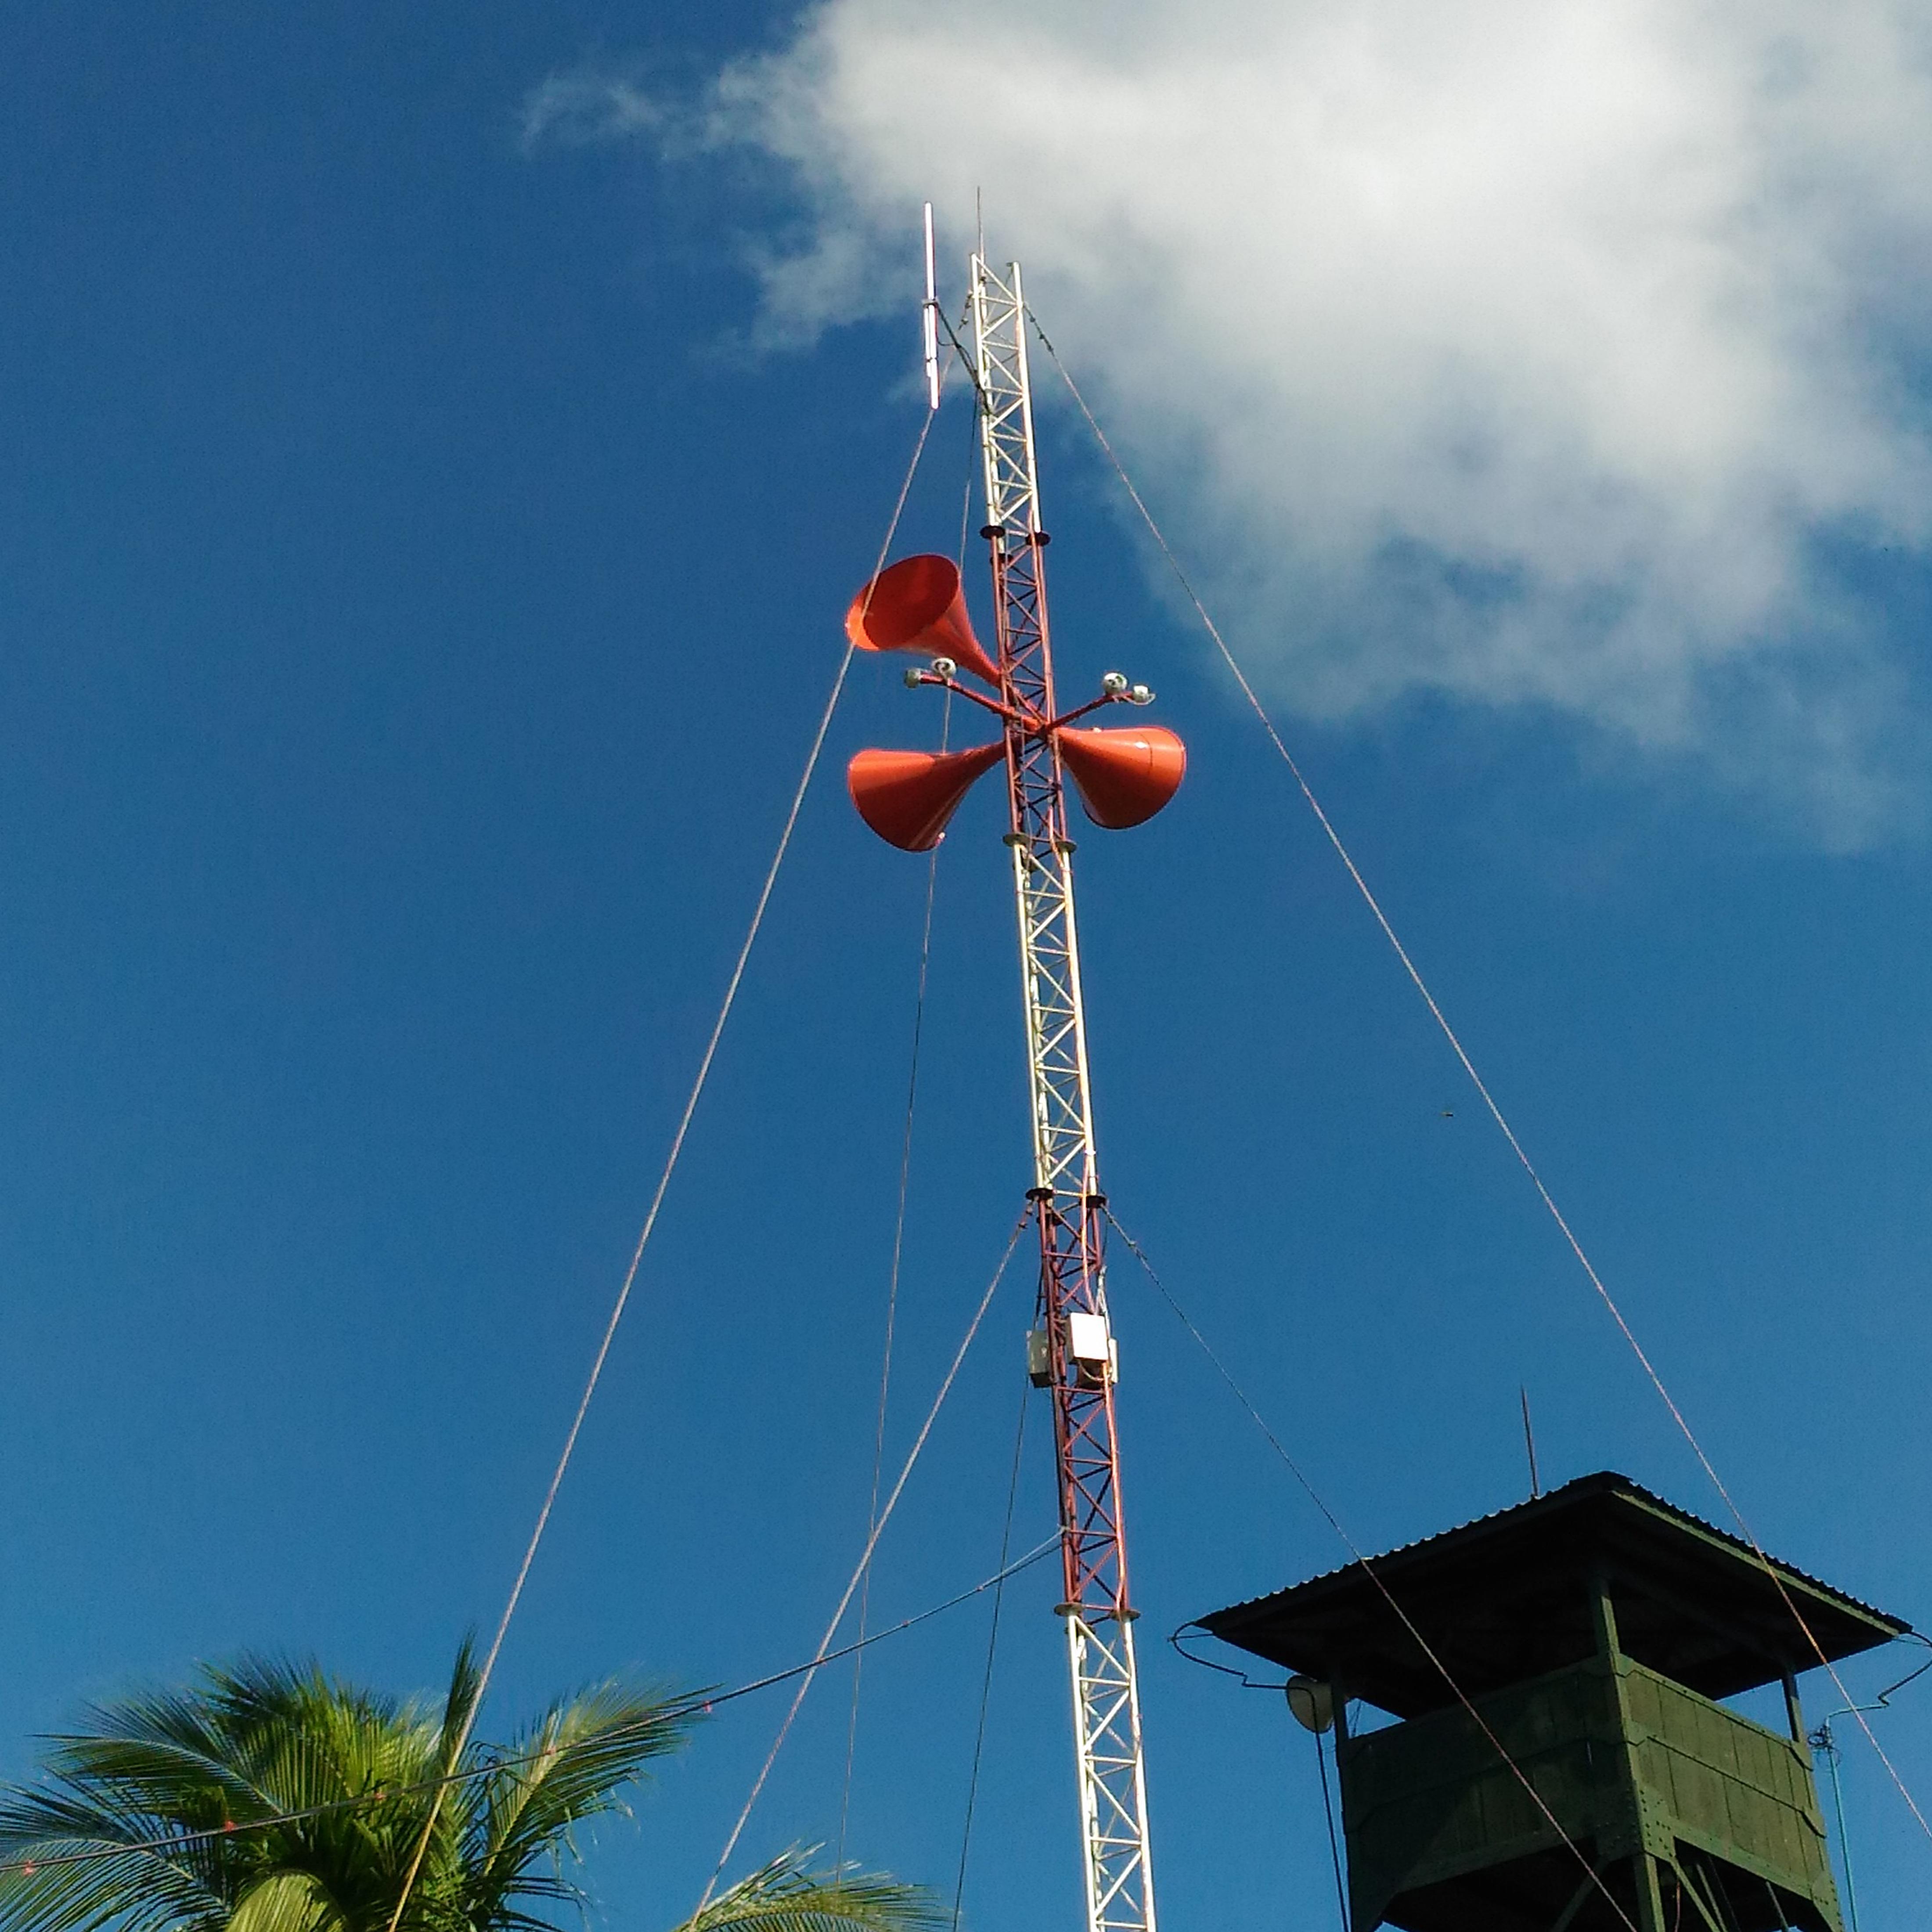 Lắp đặt hệ thống Loa Kèn phát thanh công suất lớn dọc biên giới Việt Nam - Campuchia